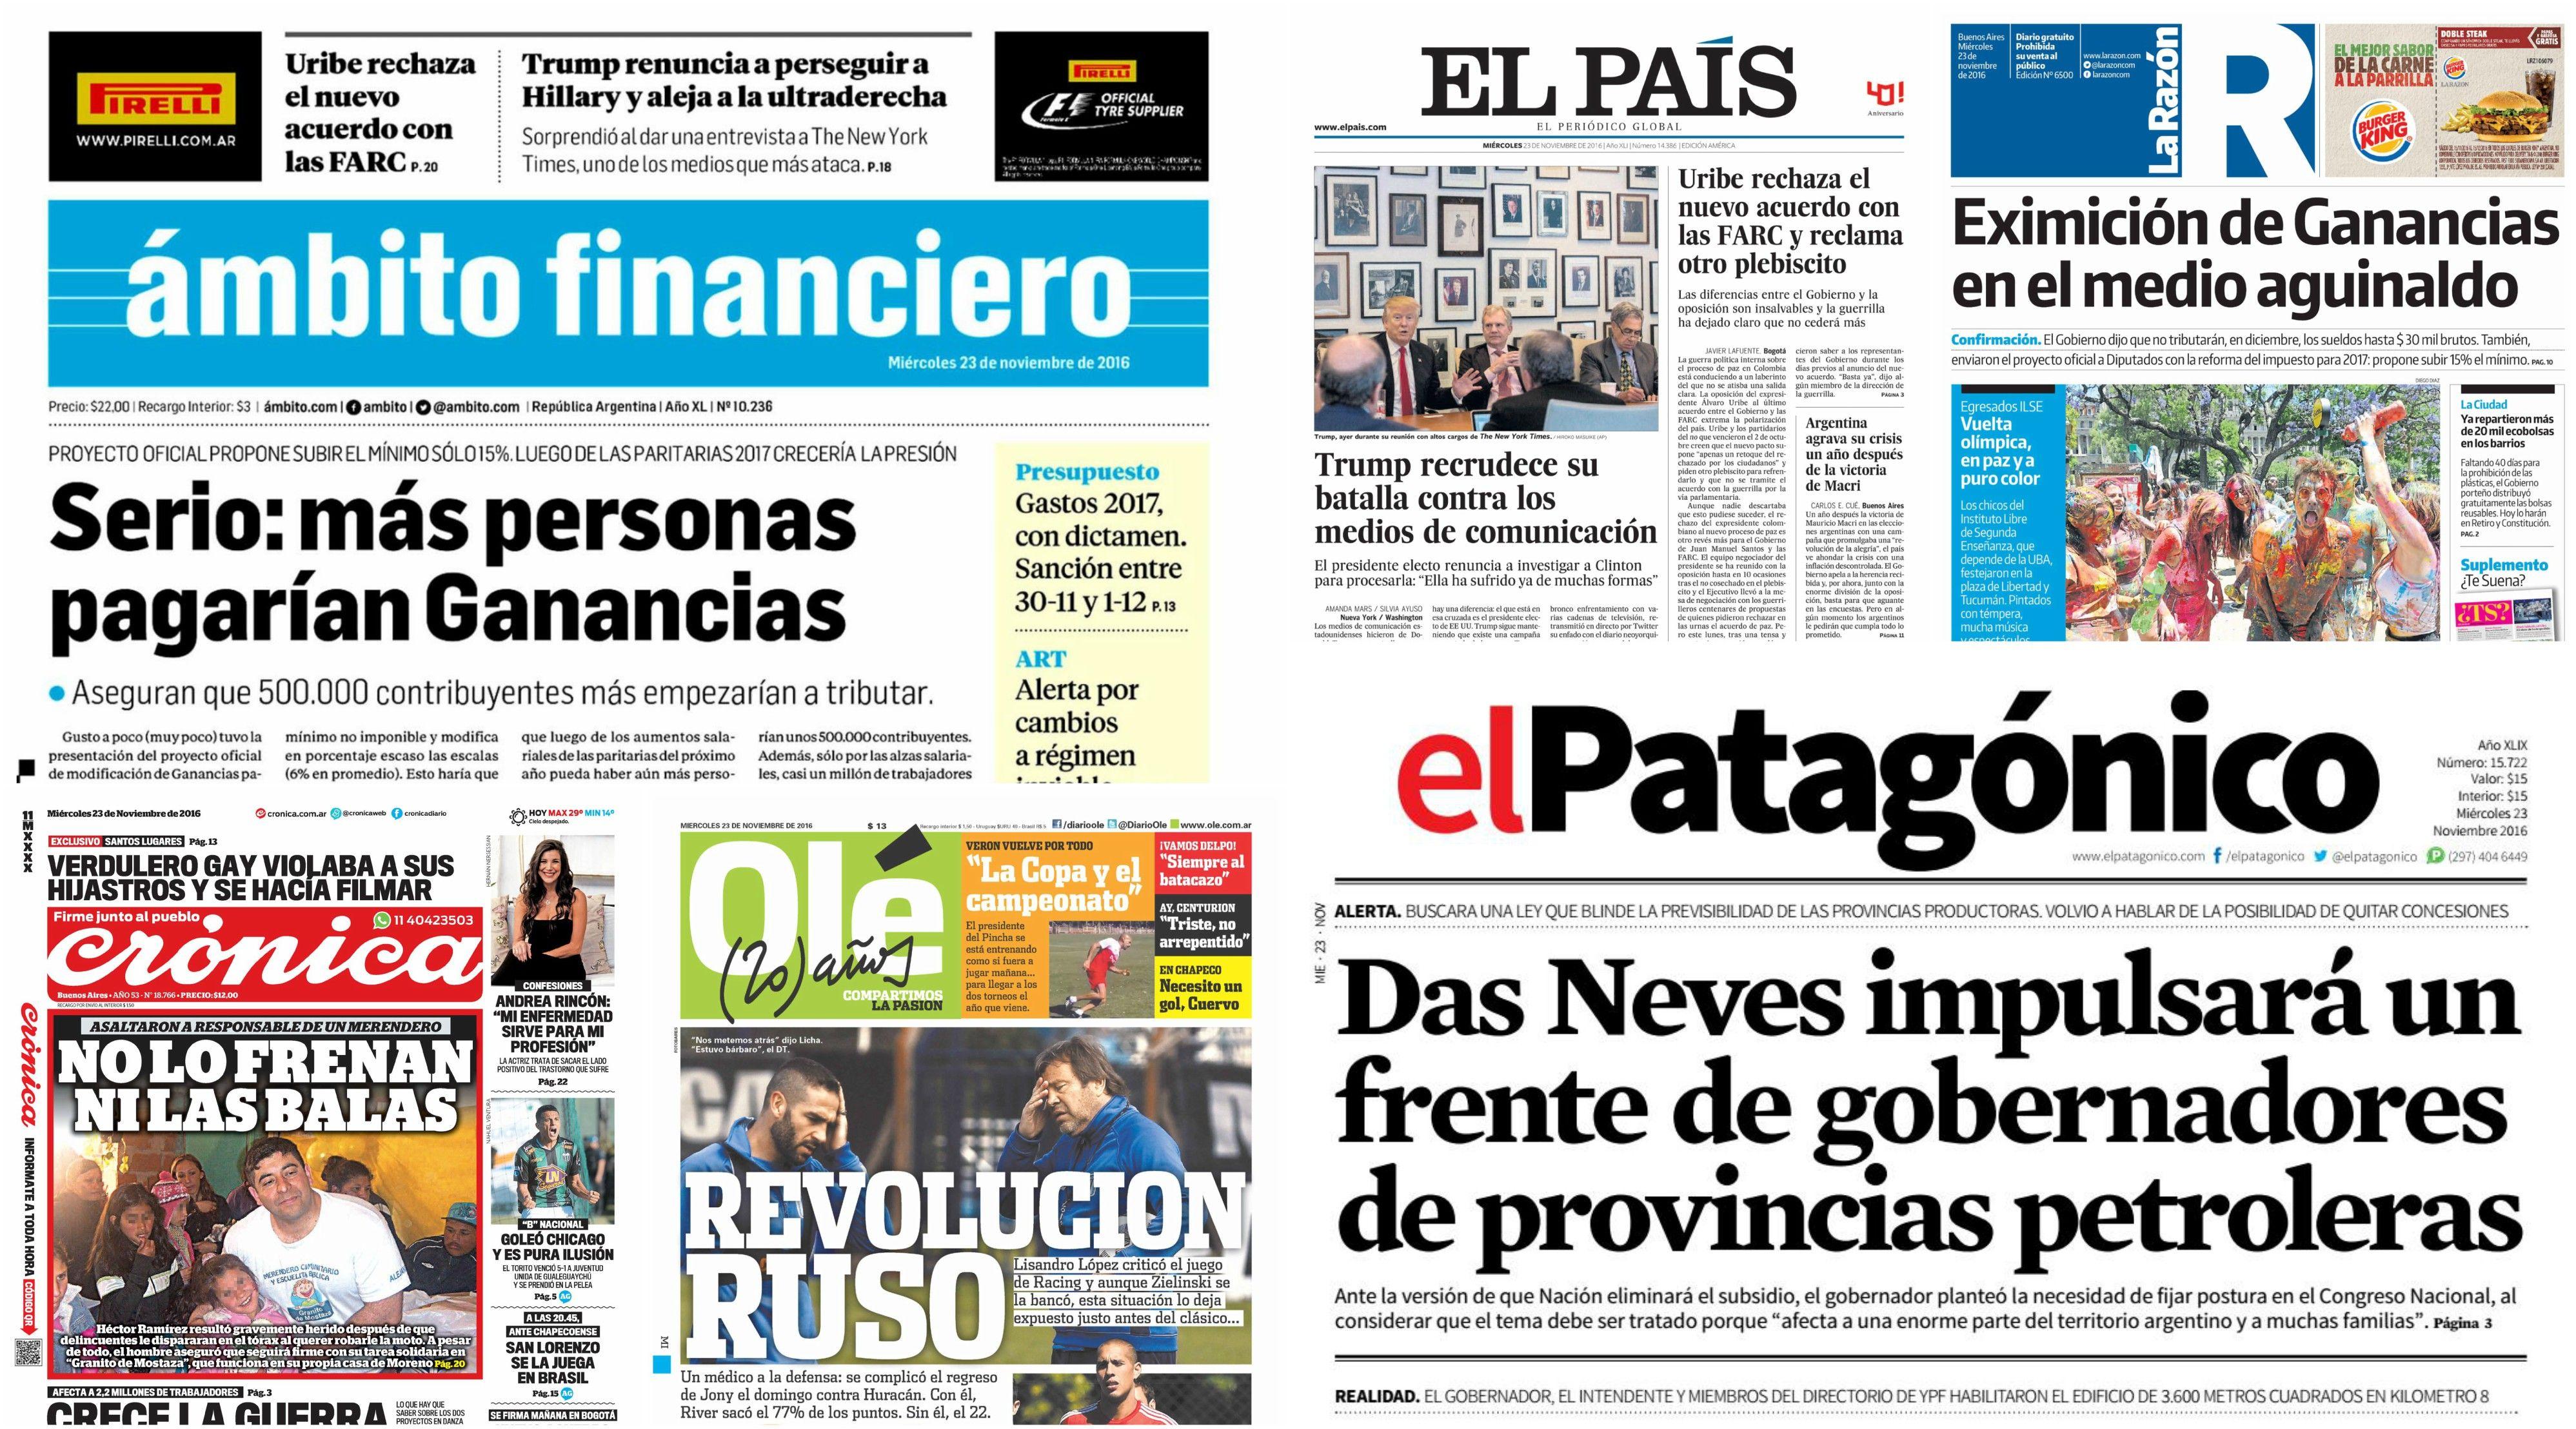 Tapas de diarios del miércoles 23 de noviembre de 2016